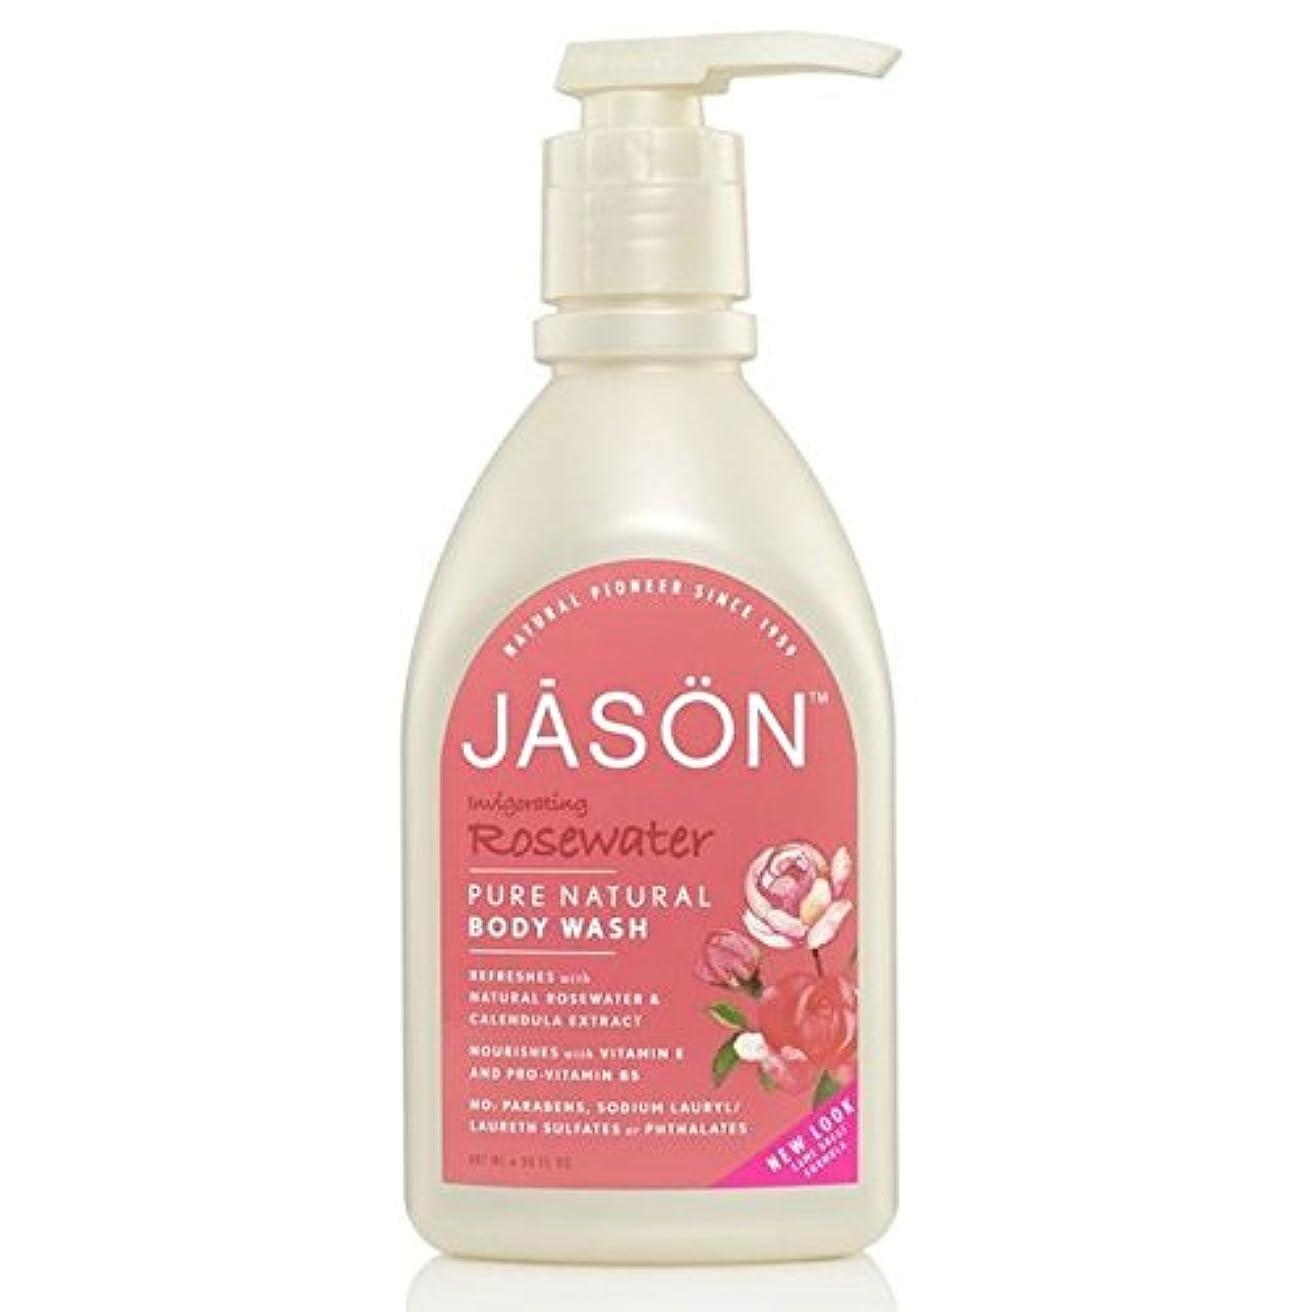 レキシコン古くなった高尚なジェイソン?ボディウォッシュローズウォーターサテンシャワー900ミリリットル x2 - Jason Body Wash Rosewater Satin Shower 900ml (Pack of 2) [並行輸入品]